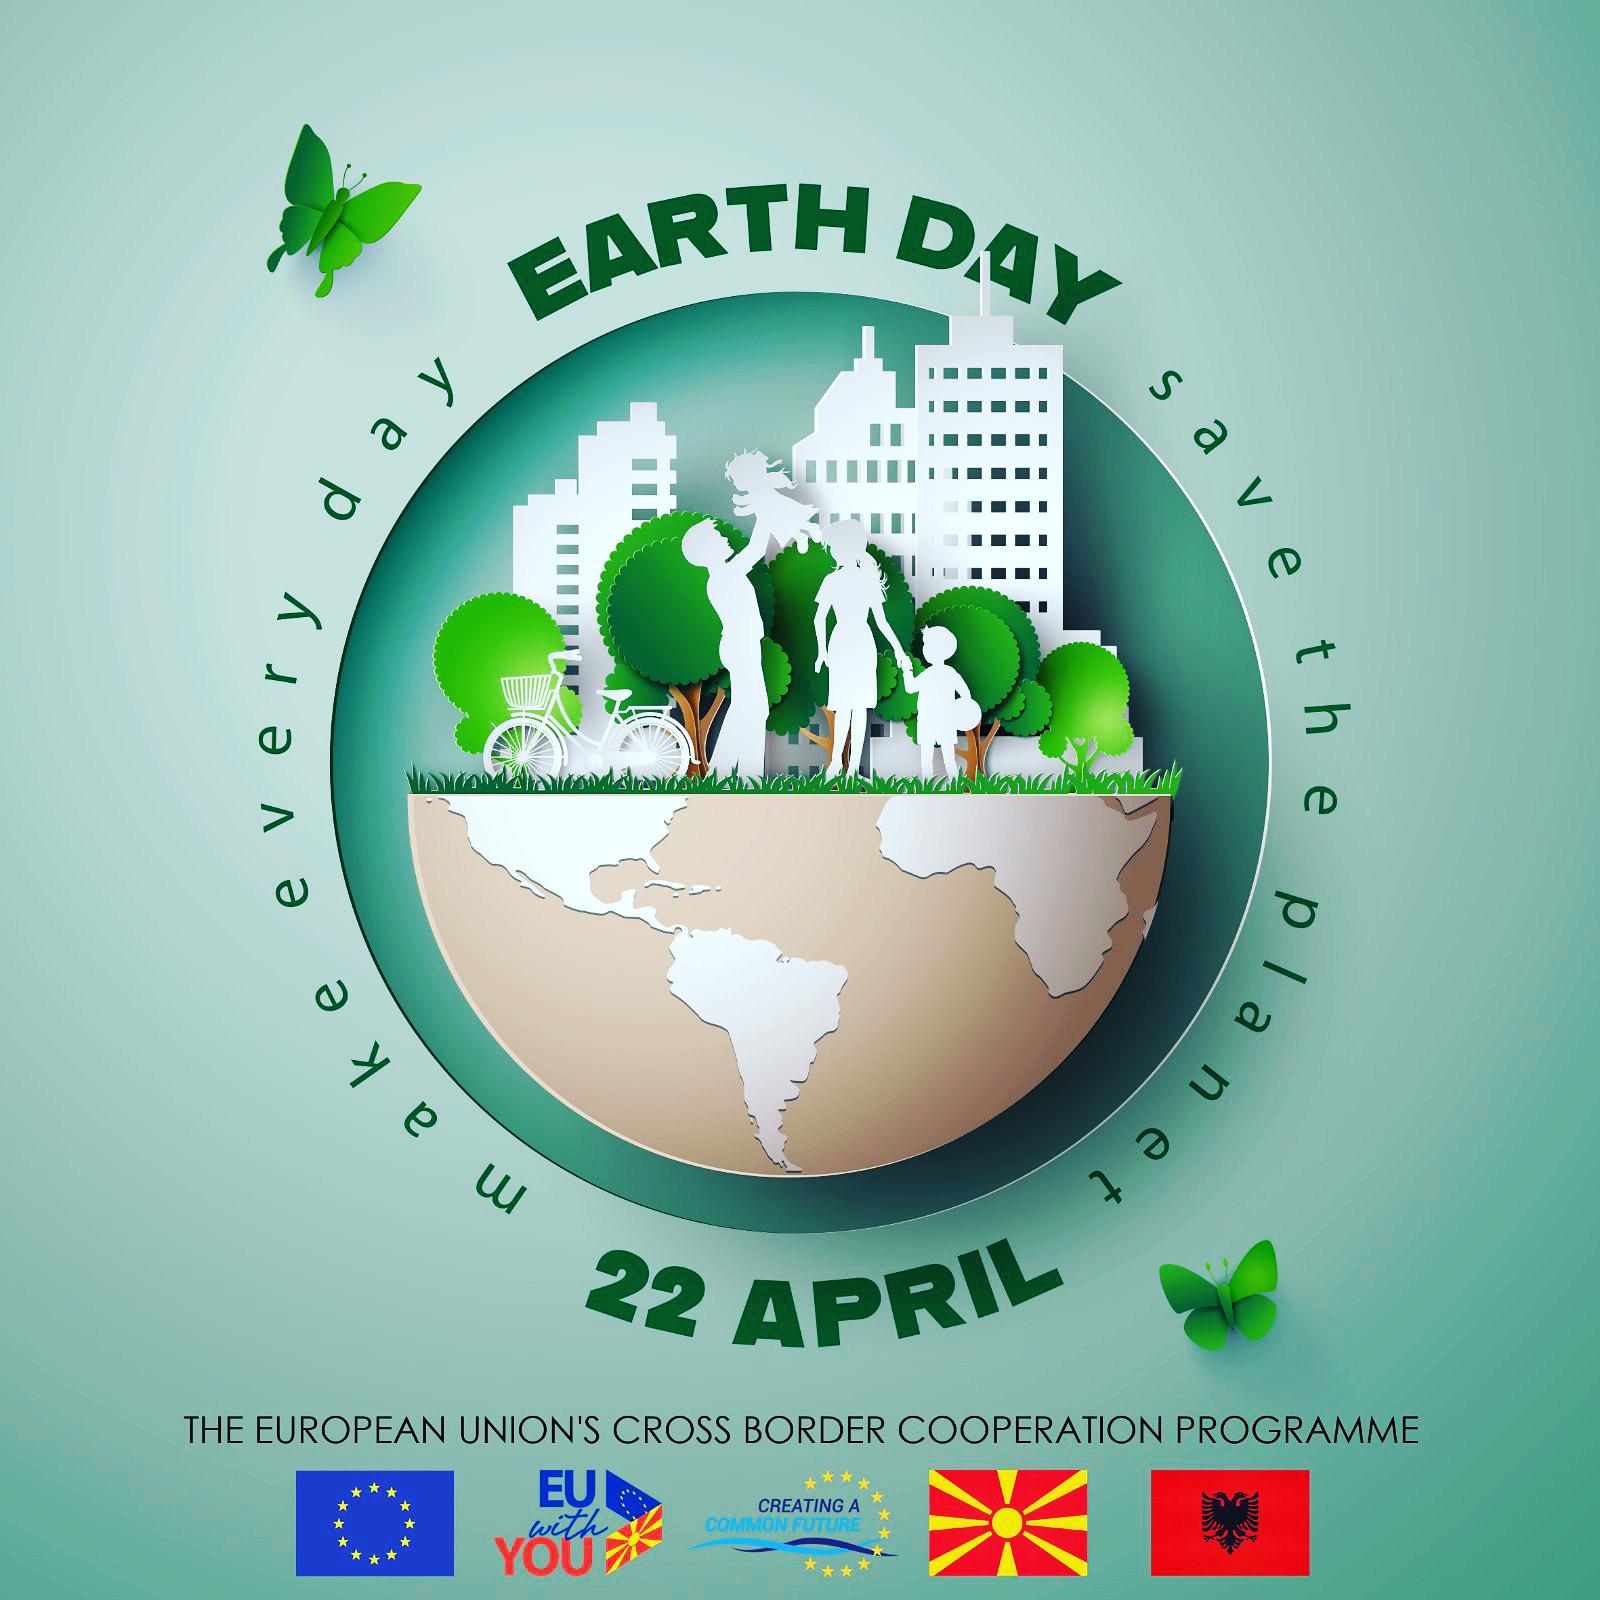 Ден на планетата Земја